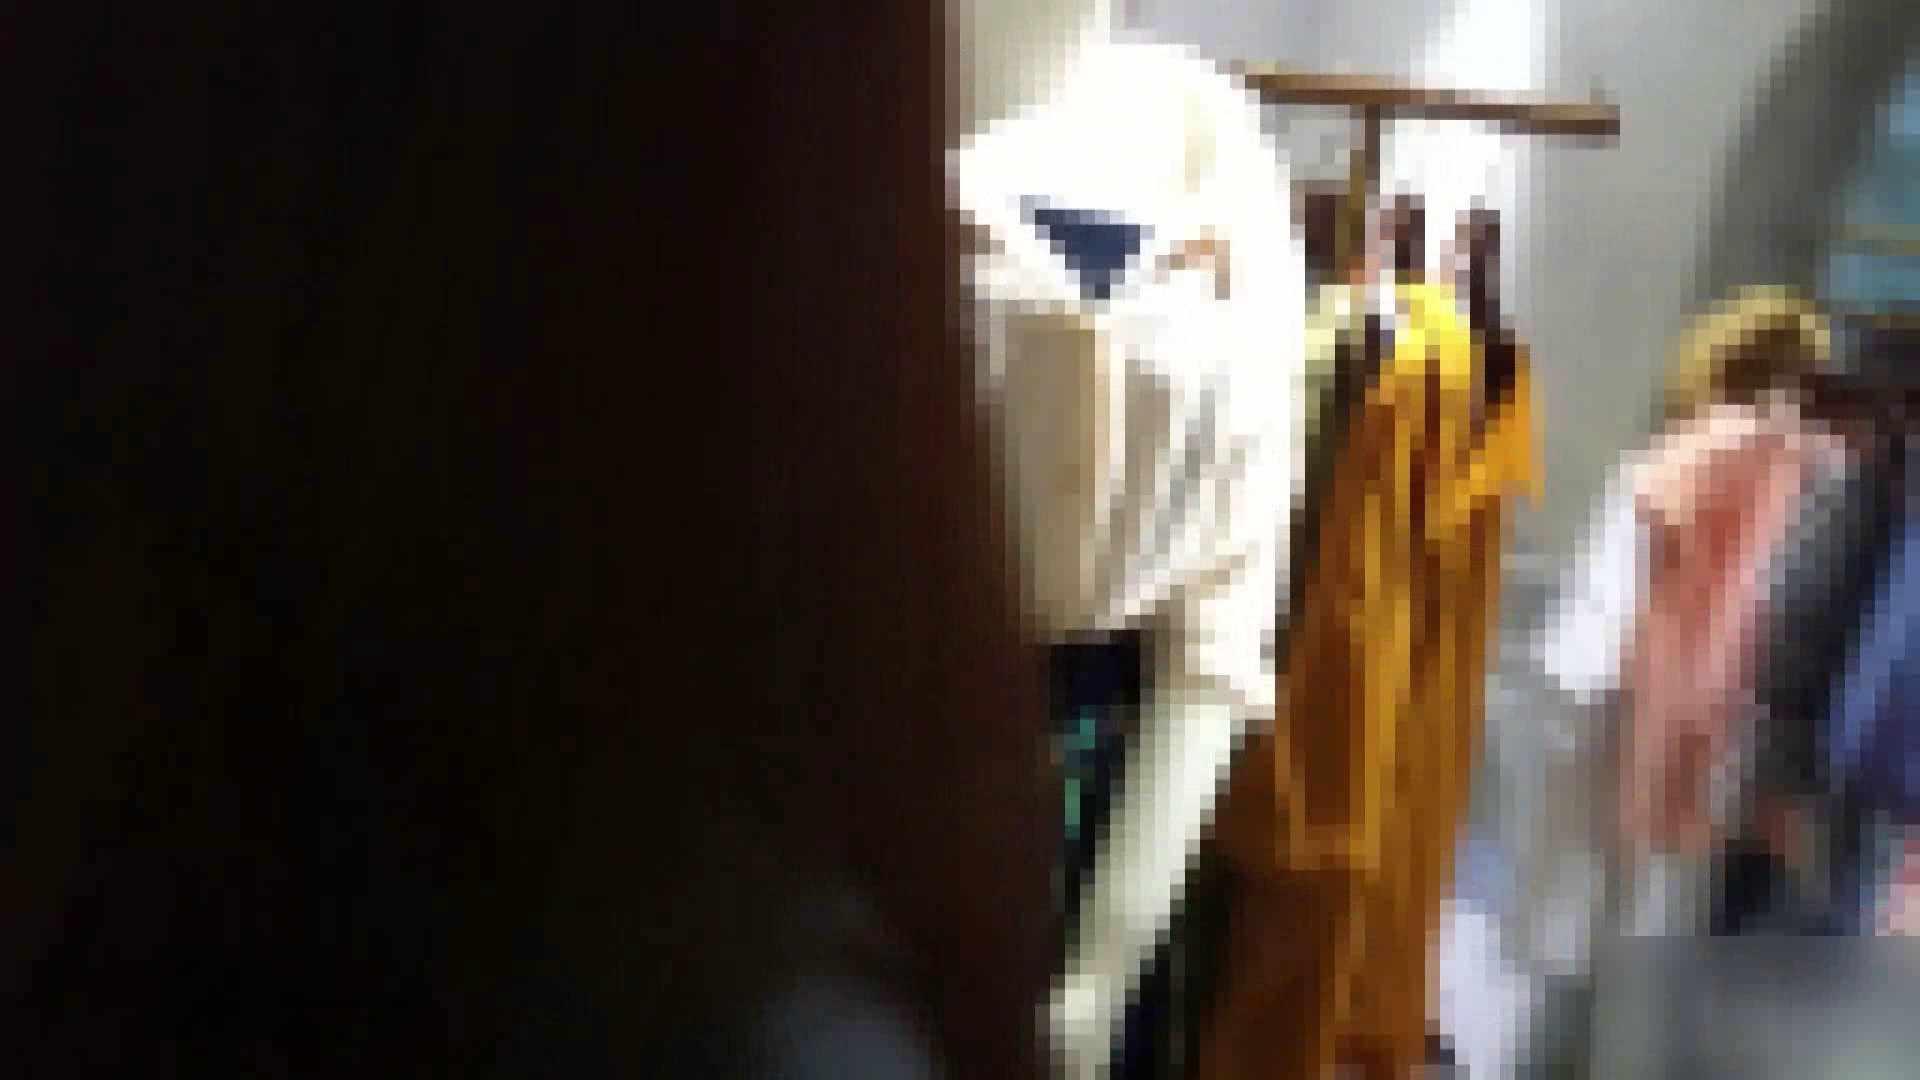 ガールズパンチラストリートビューVol.004 美しいOLの裸体 オマンコ無修正動画無料 83pic 38